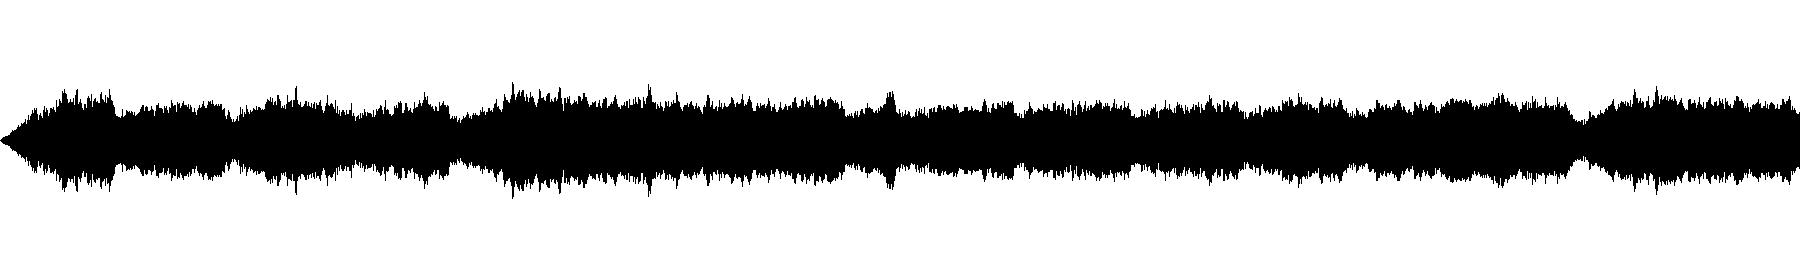 melody 01bpm80keya